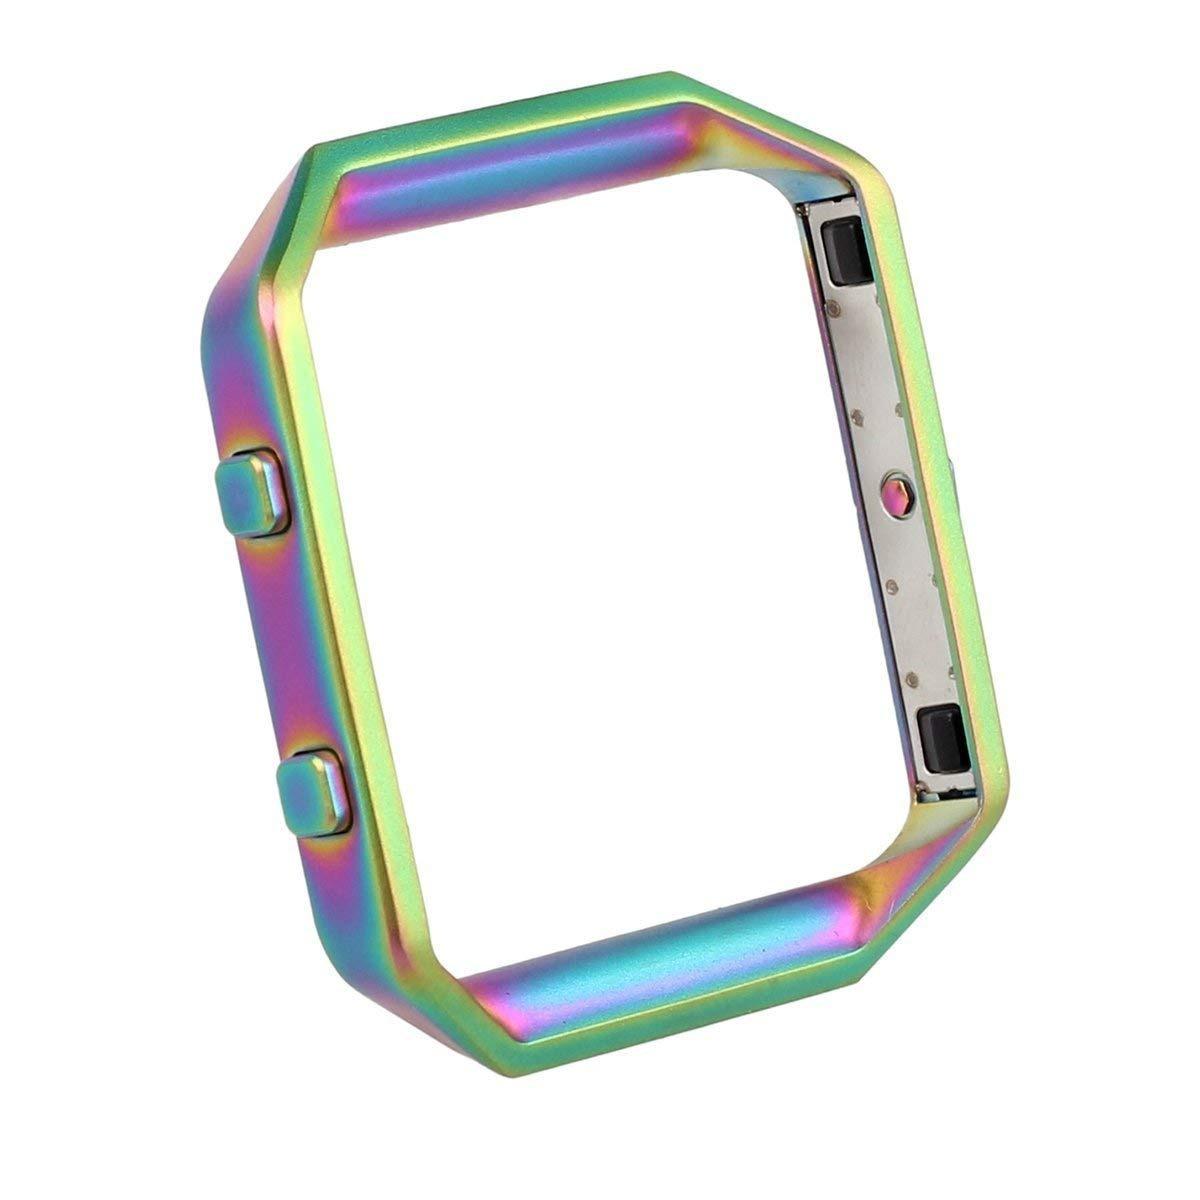 Fitbit Fuego Marco - Valkit Fitbit Fuego Reloj Inteligente A ...